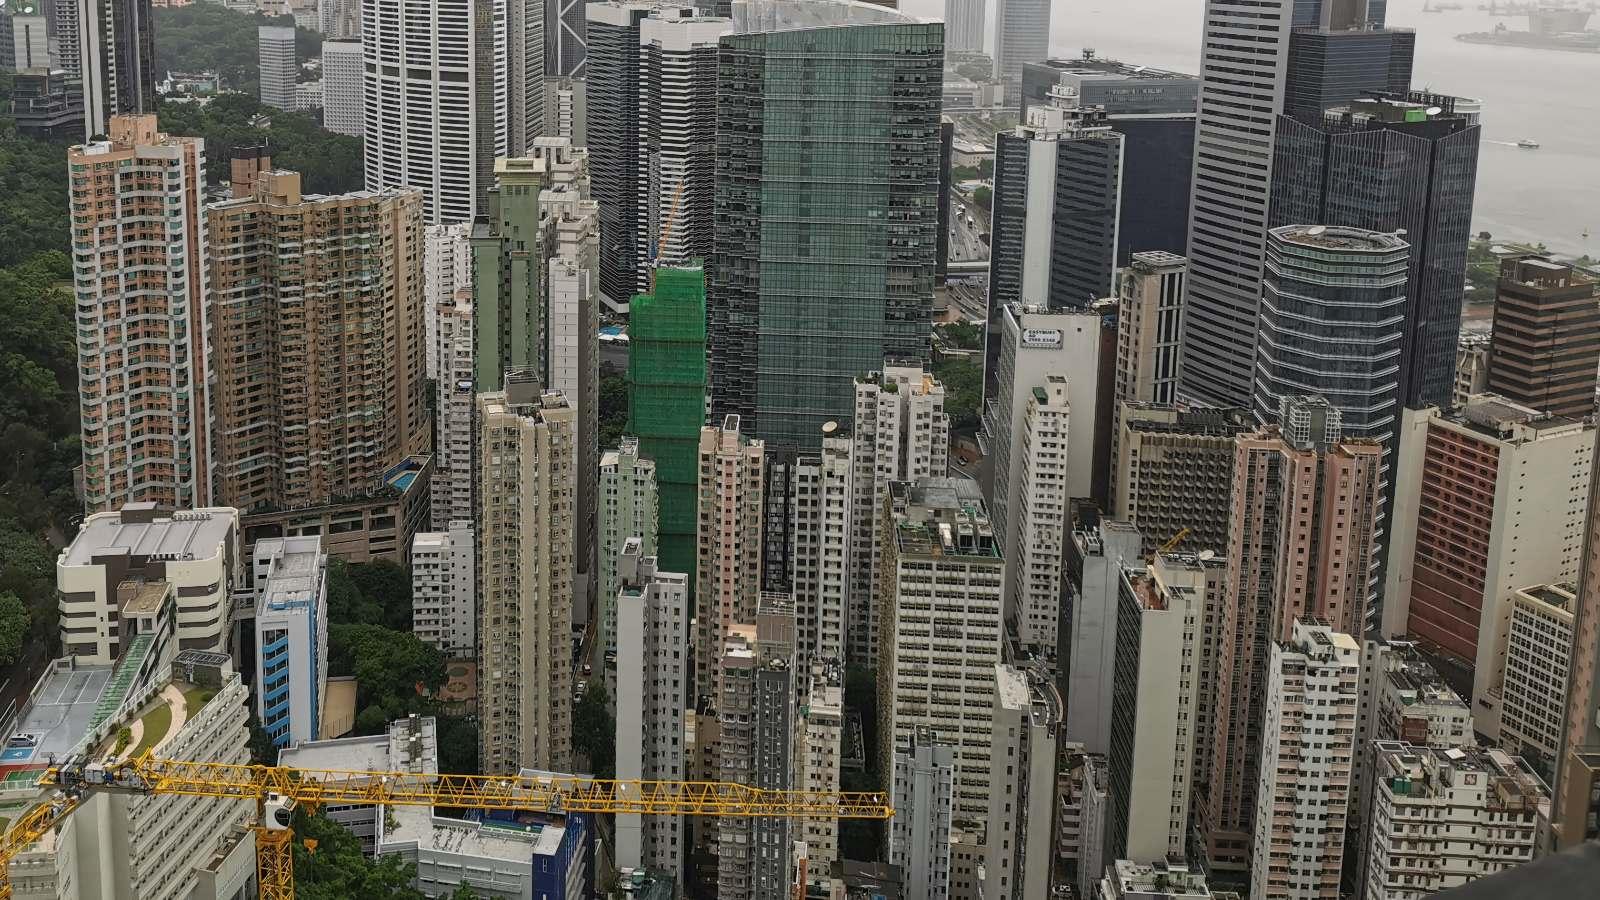 香港樓市2021-香港樓價2021-龍市理論-四次龍市經驗的數據及圖表印證-香港樓價破頂後再升三成-平均歷時14個月-香港財經時報-HKBT